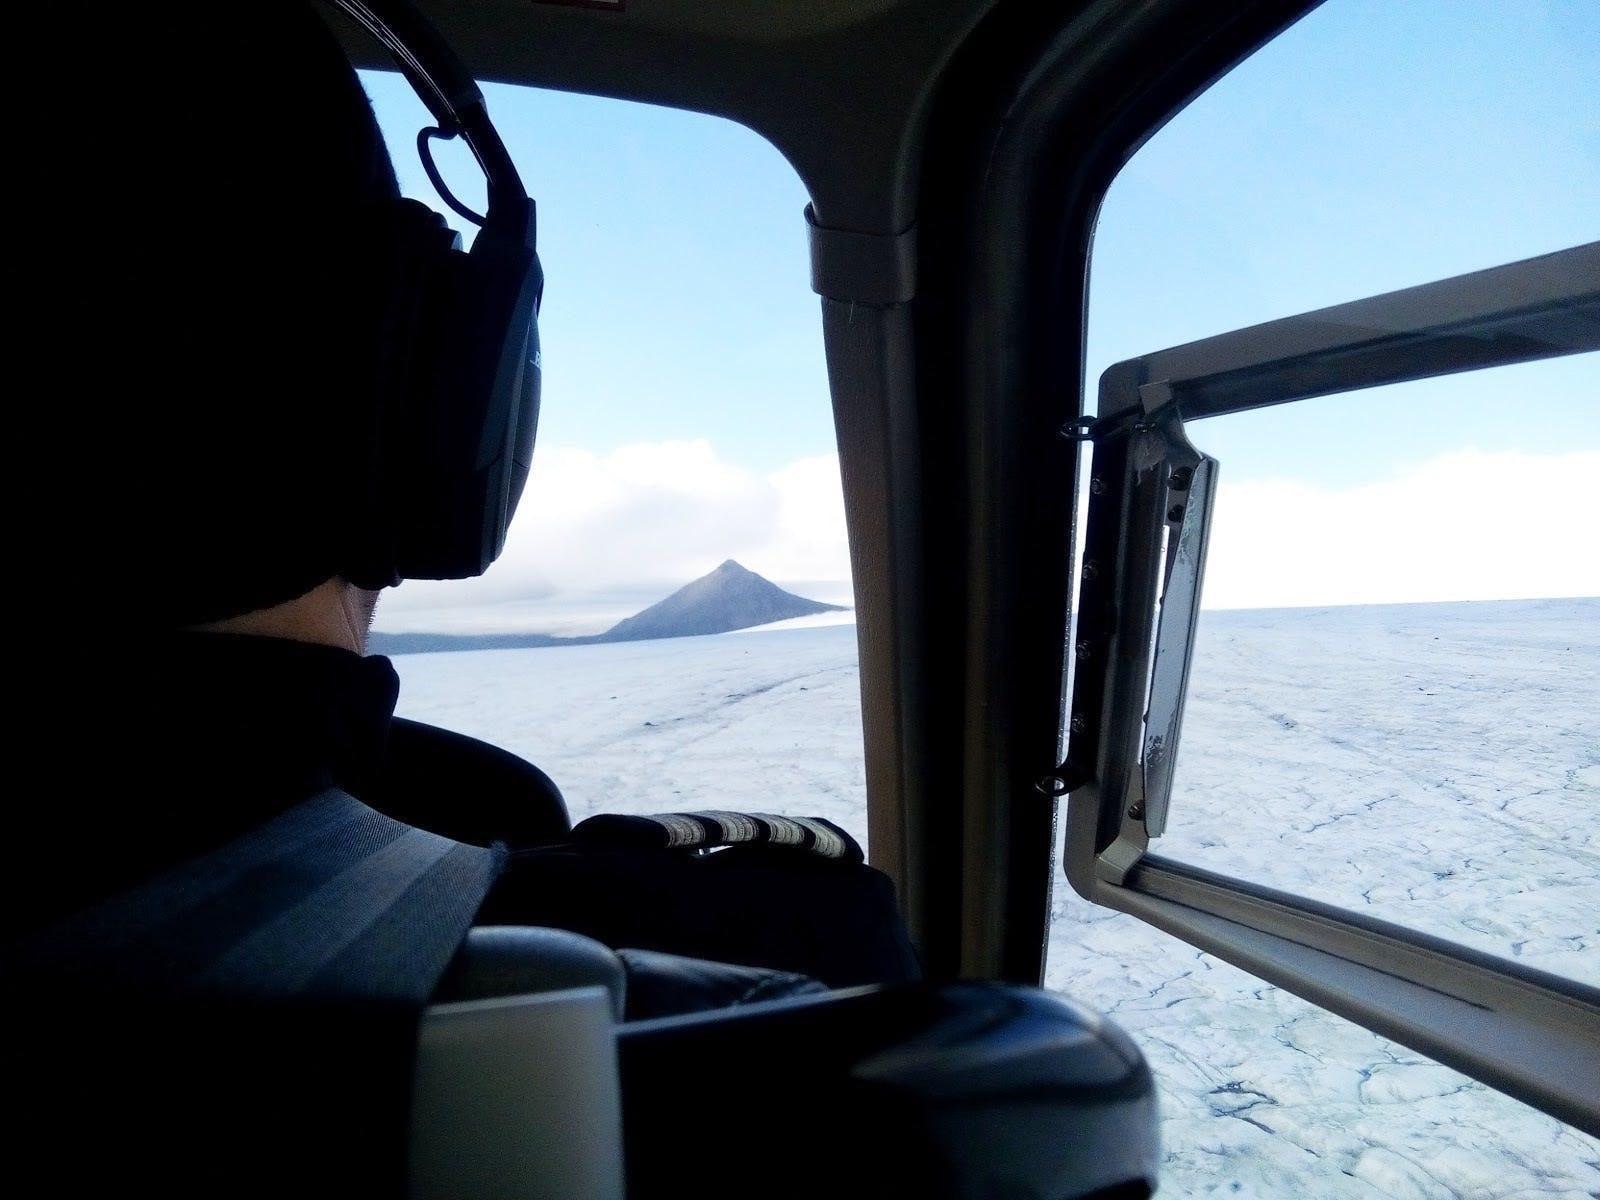 lislande-en-helicoptere-1.jpg